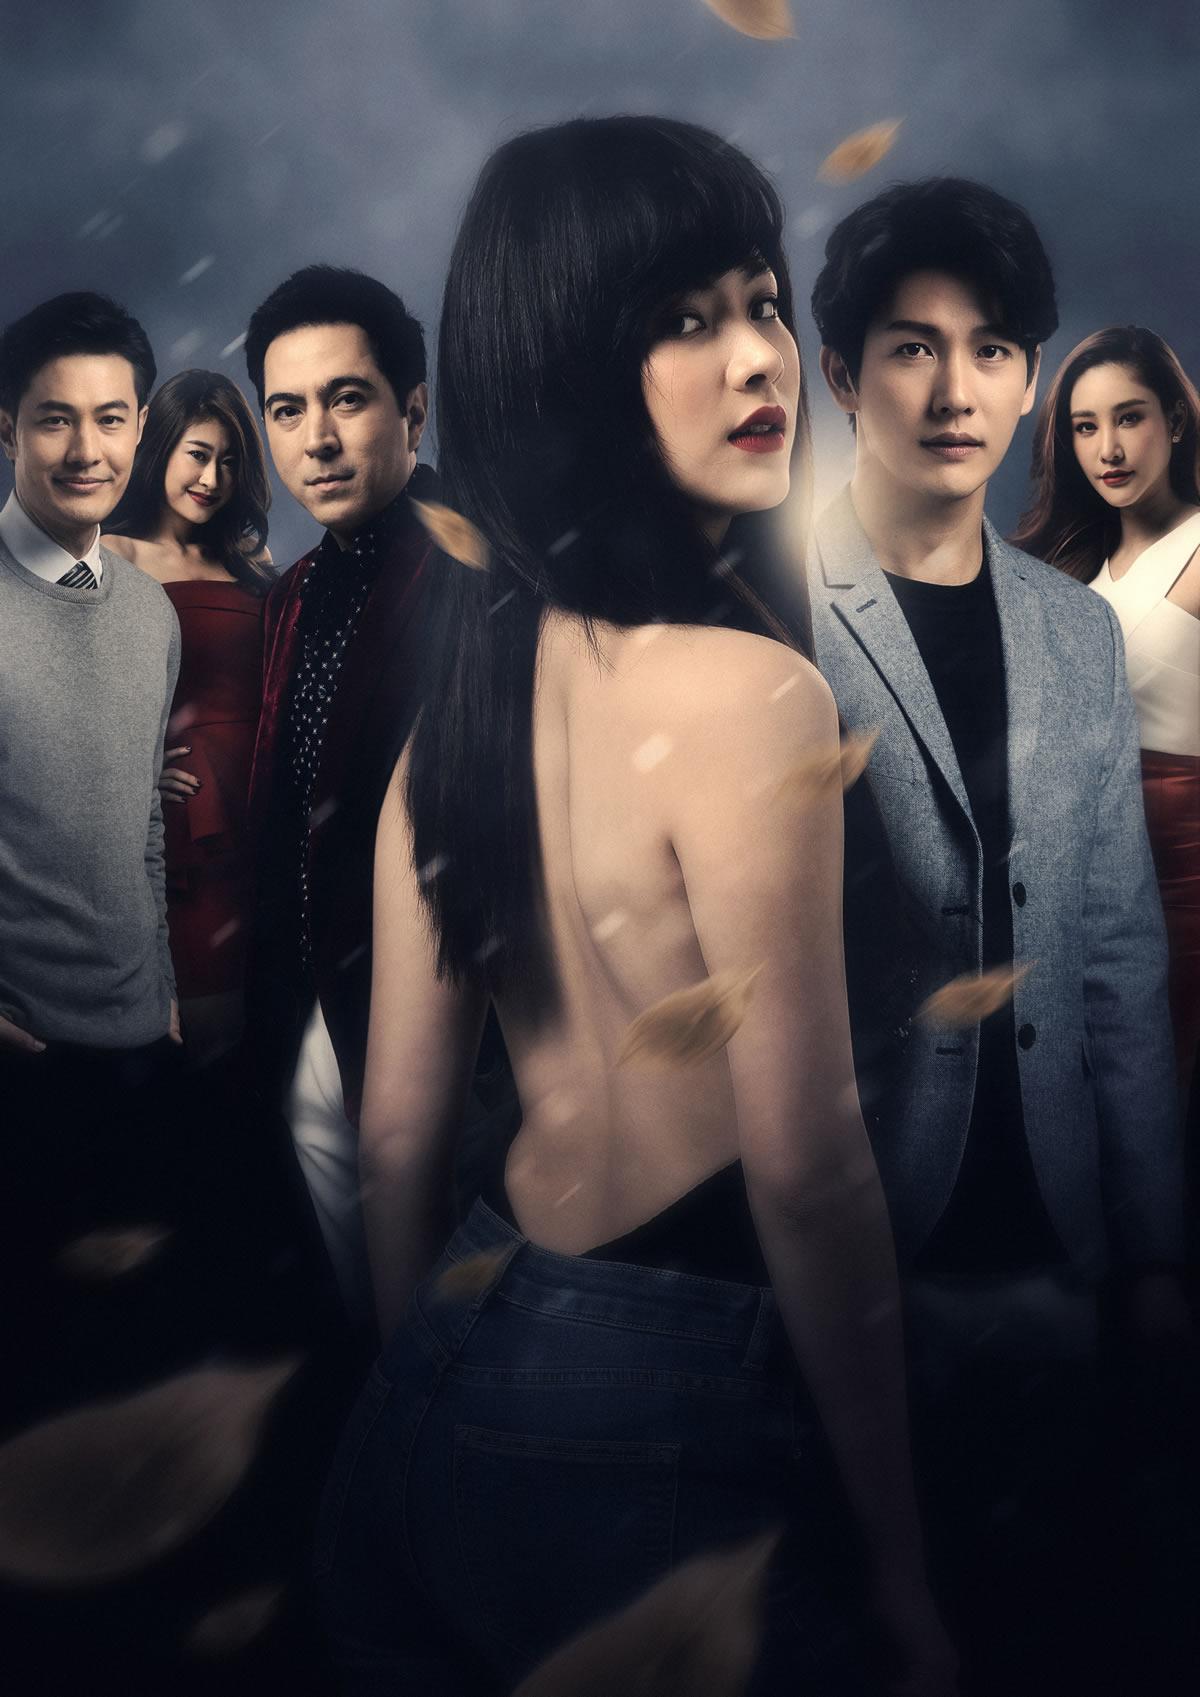 タイドラマ「ニラの復讐~美貌に隠された秘密~」がLaLa TVで日本初放送